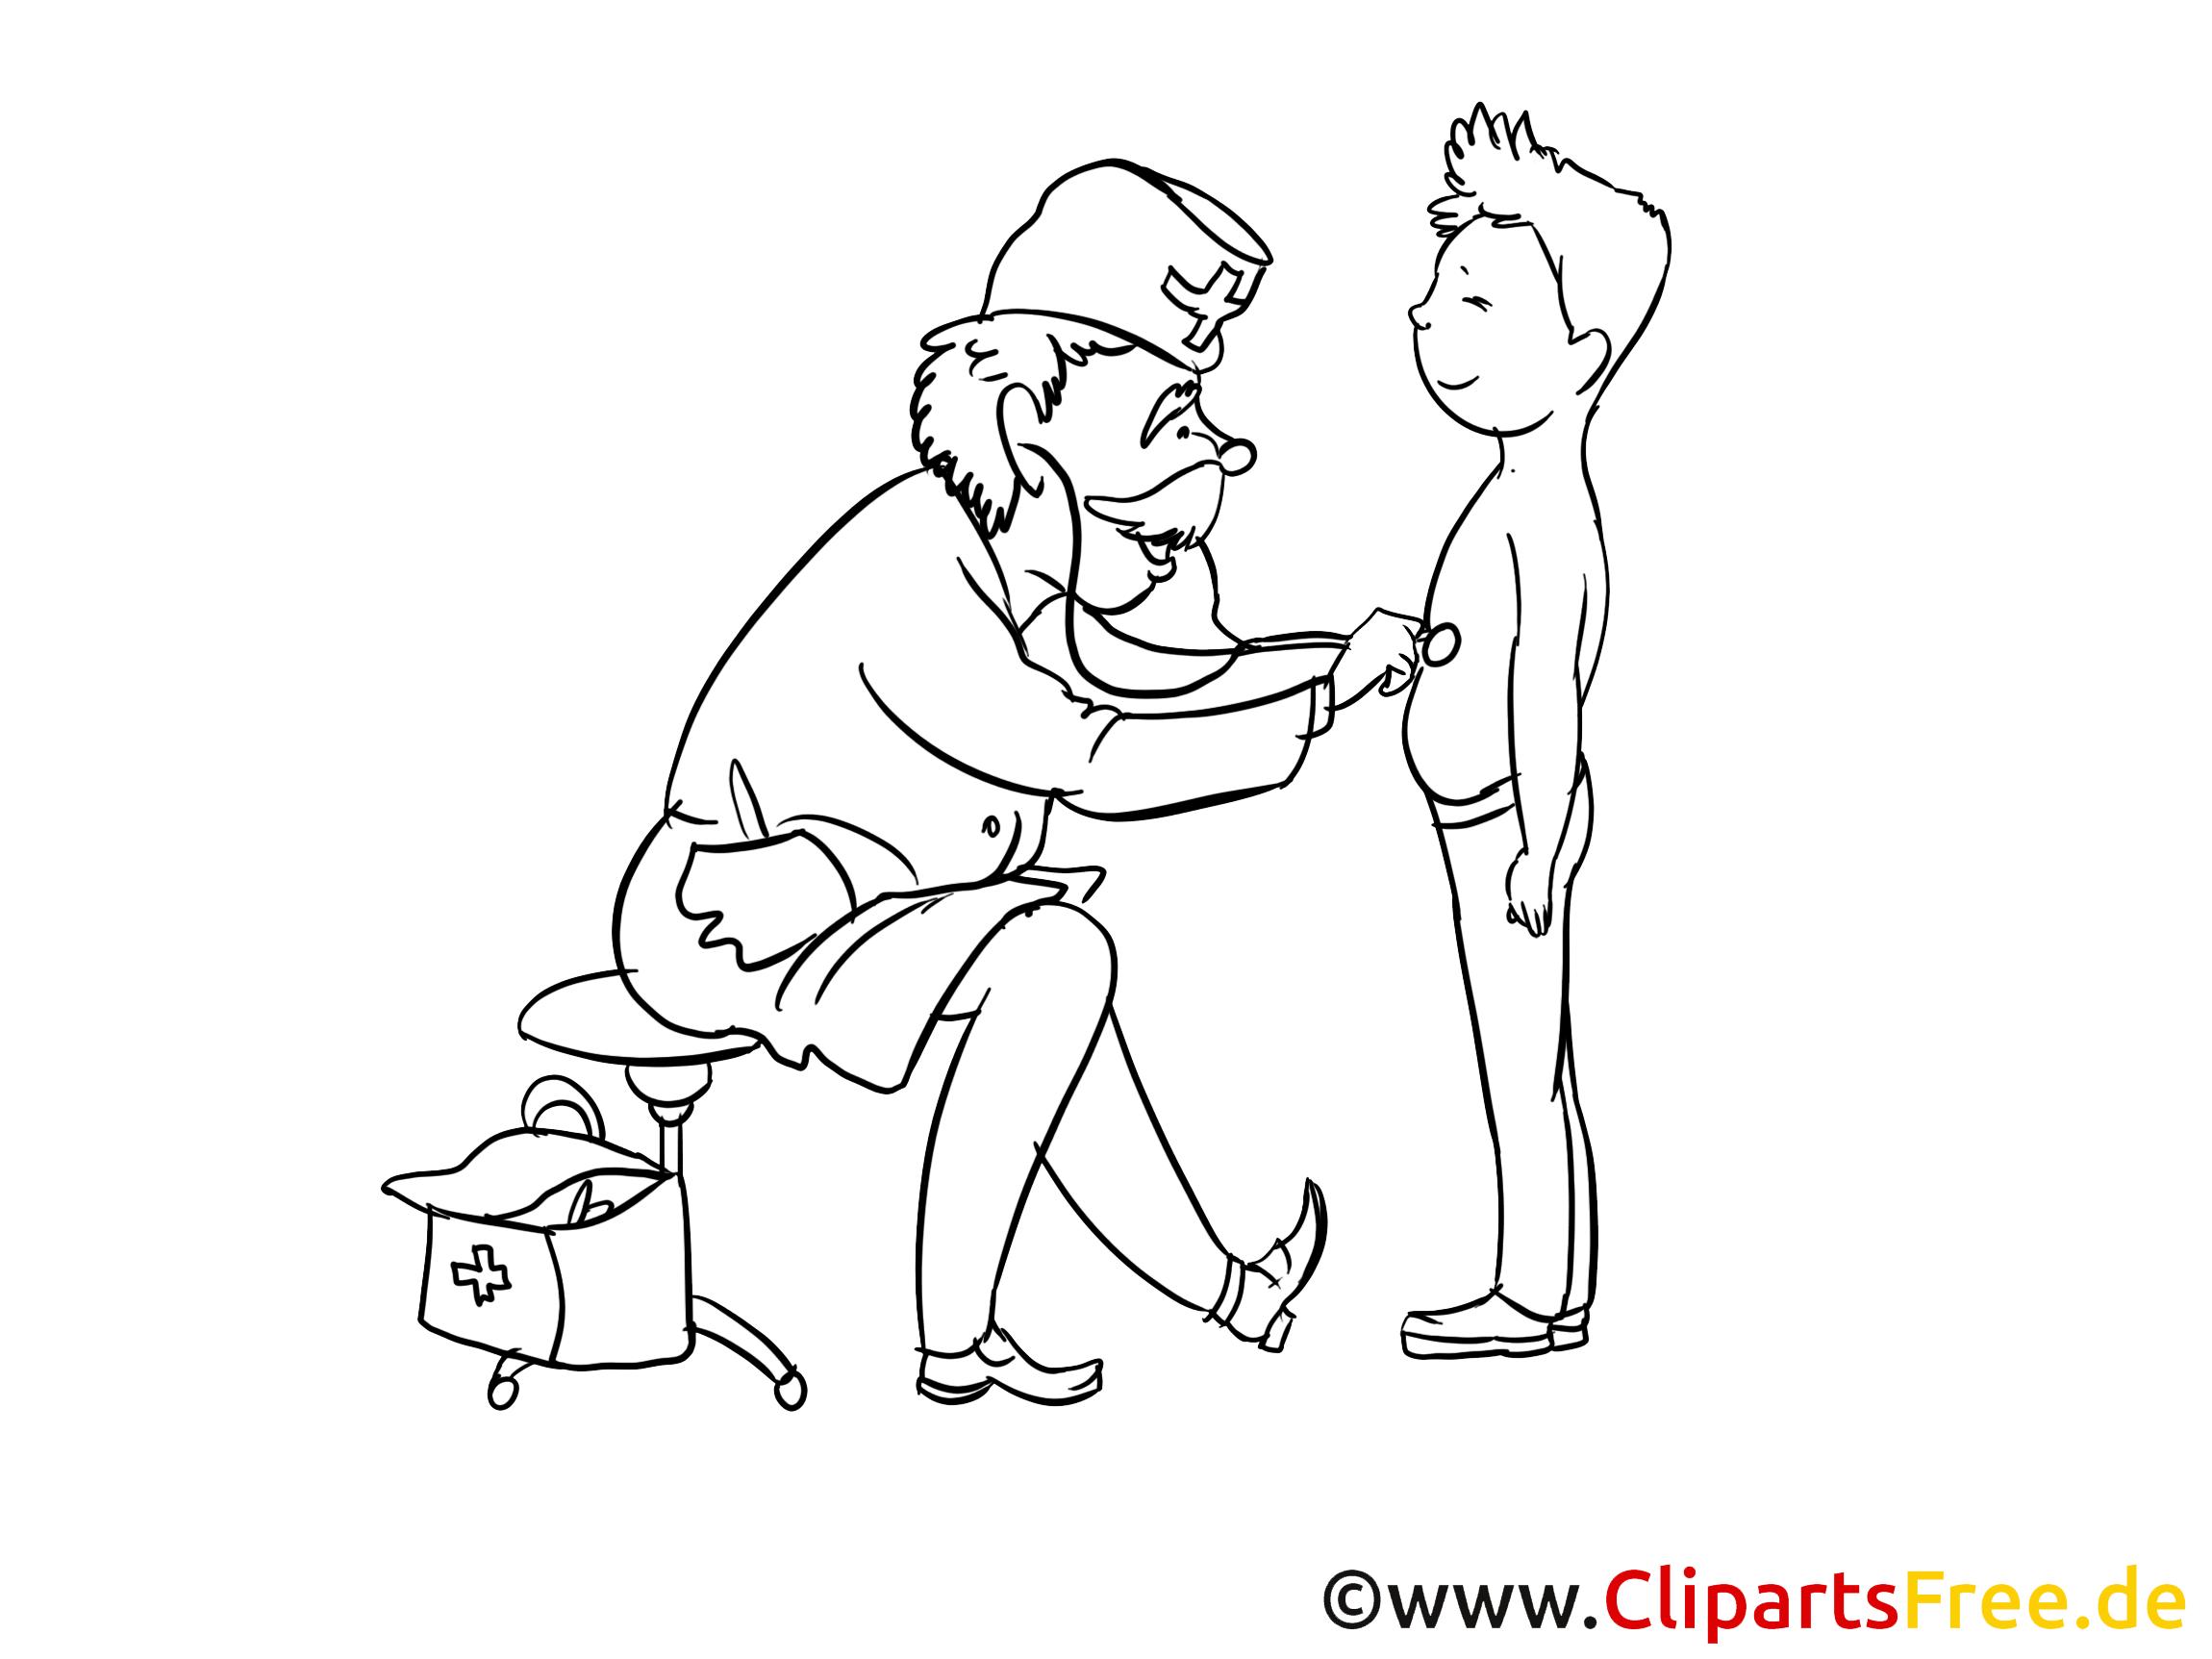 Examens clip art à colorier – Médecine gratuite